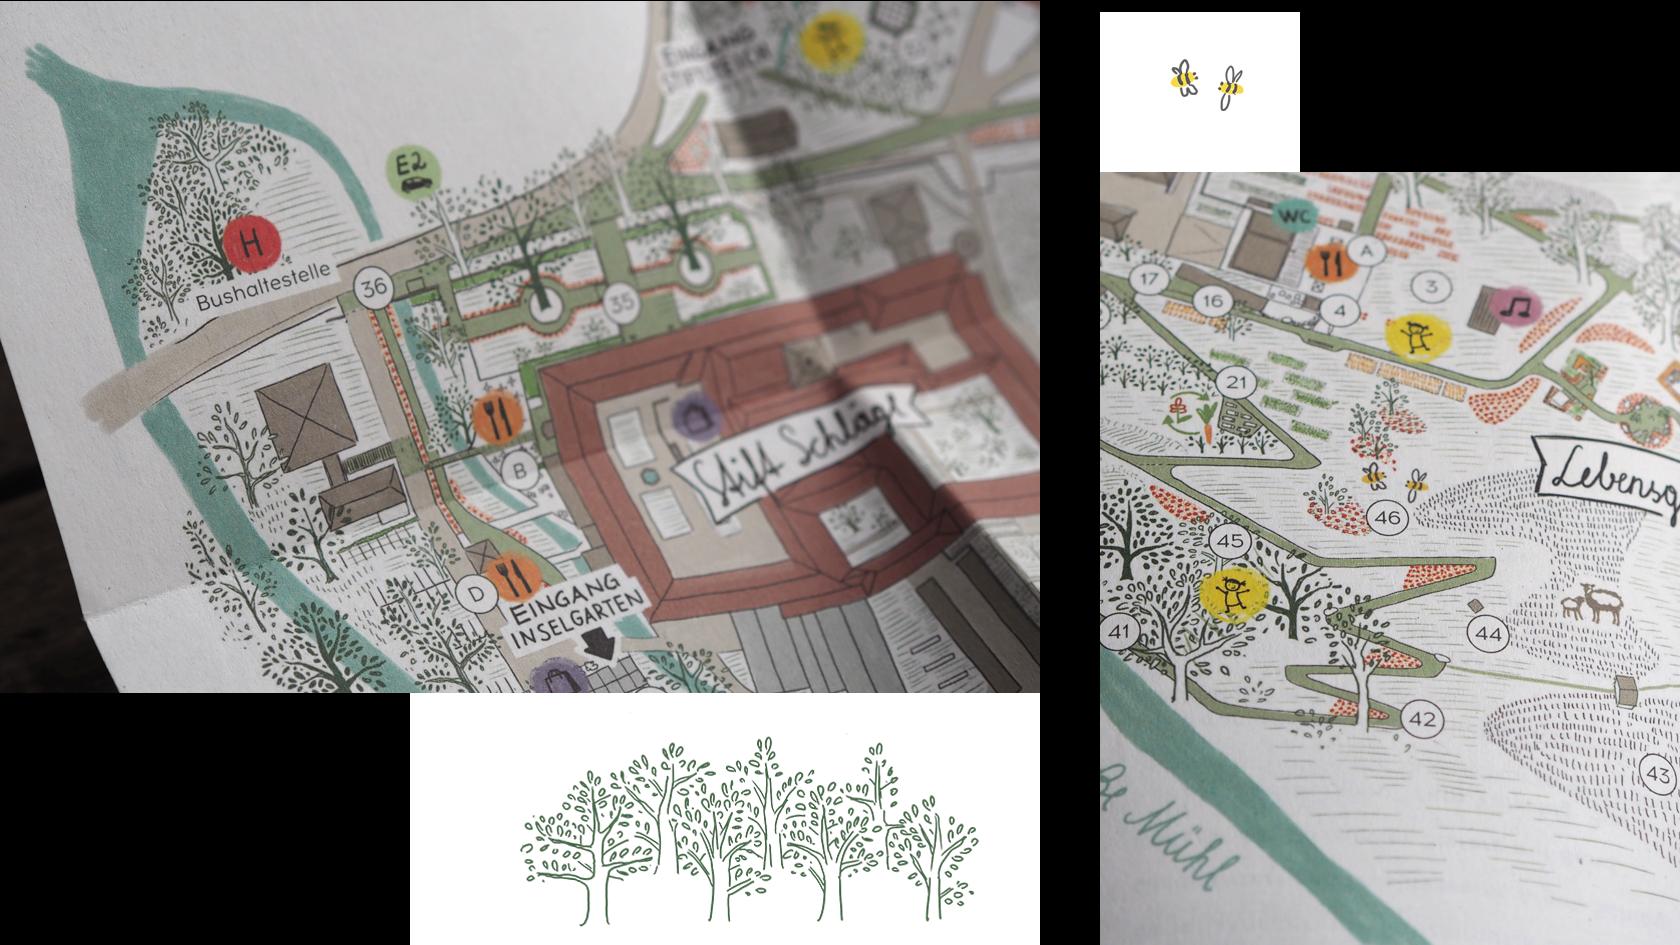 OÖ Landesgartenschau Geländeplan Detail